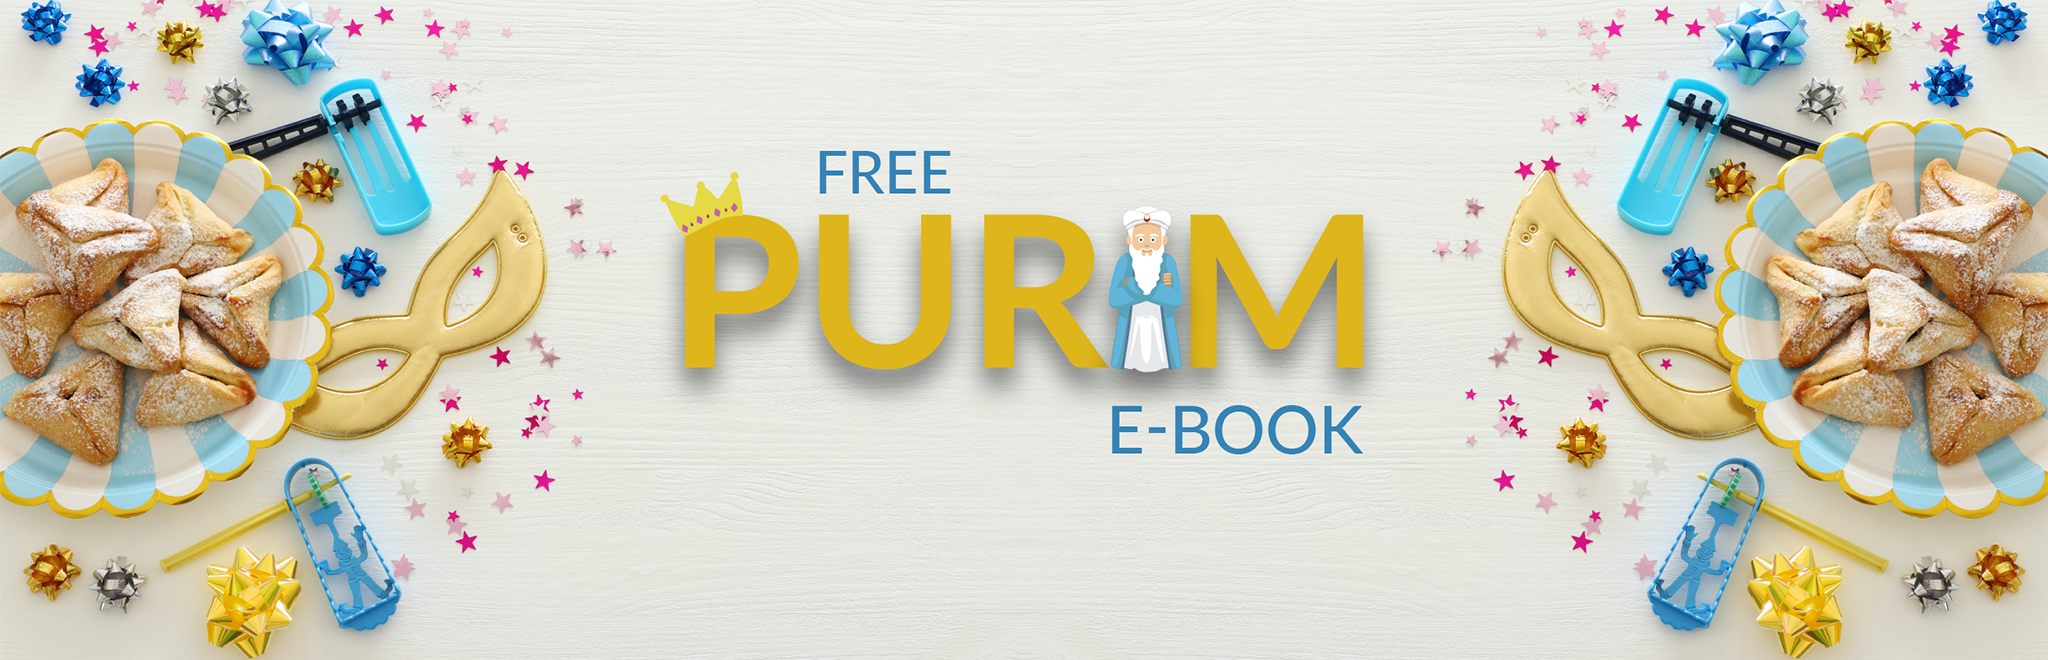 Free Purim e-Book